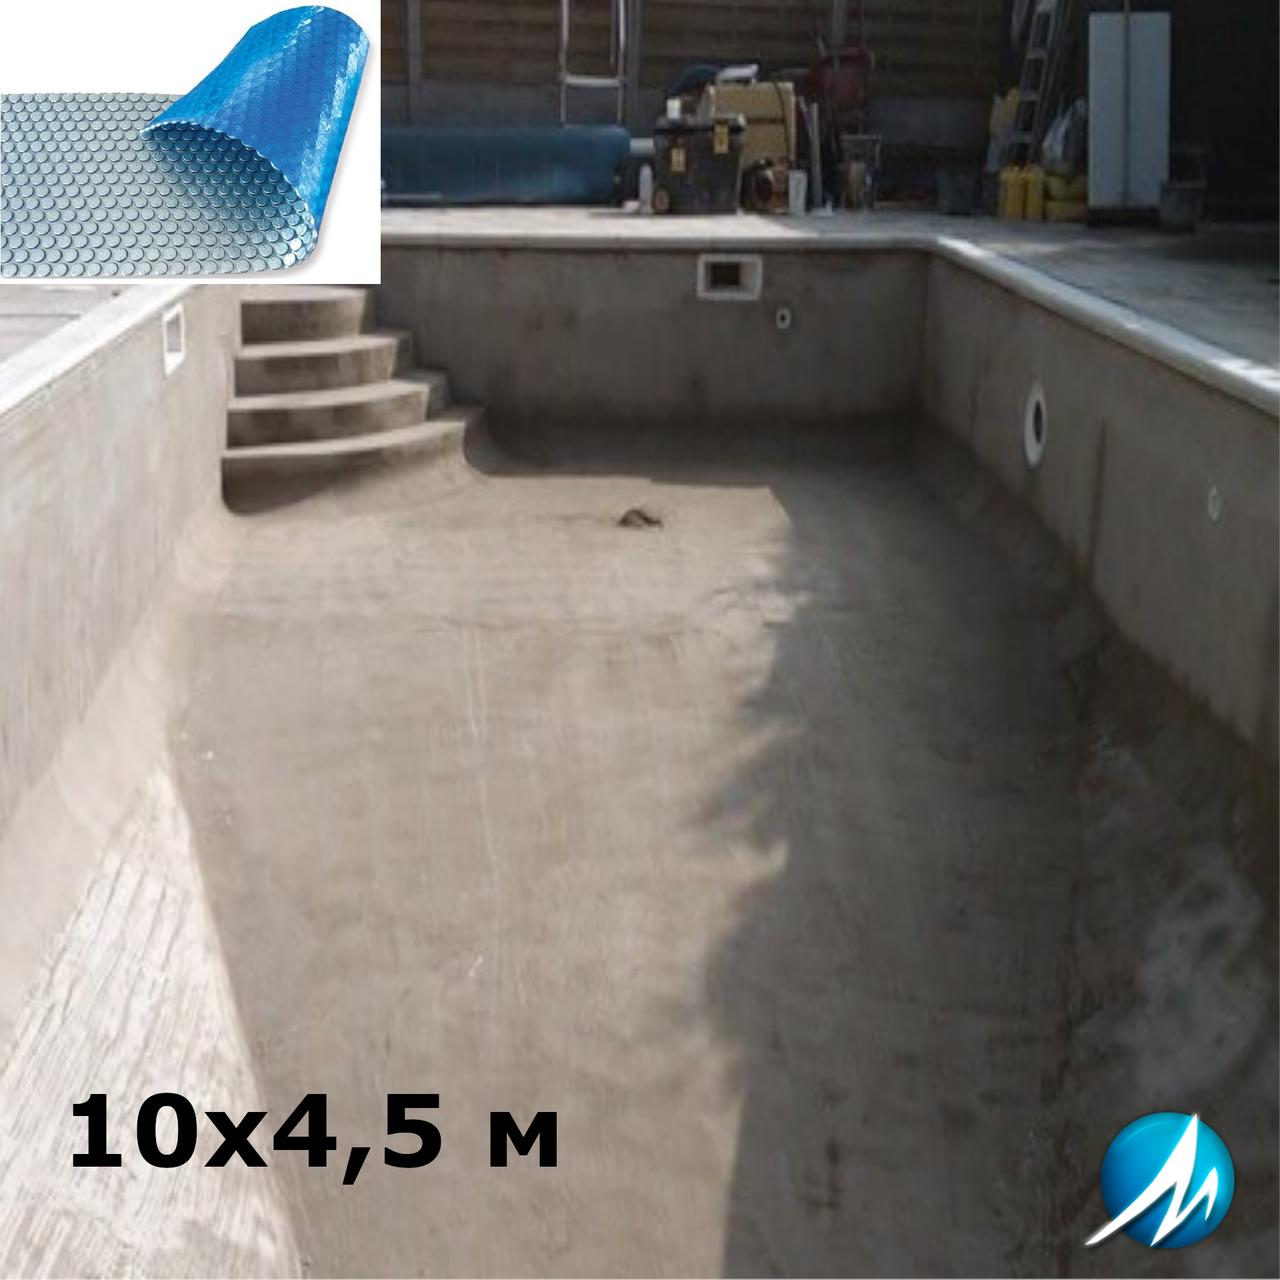 Солярное накрытие для бетонного бассейна 10х4,5 м